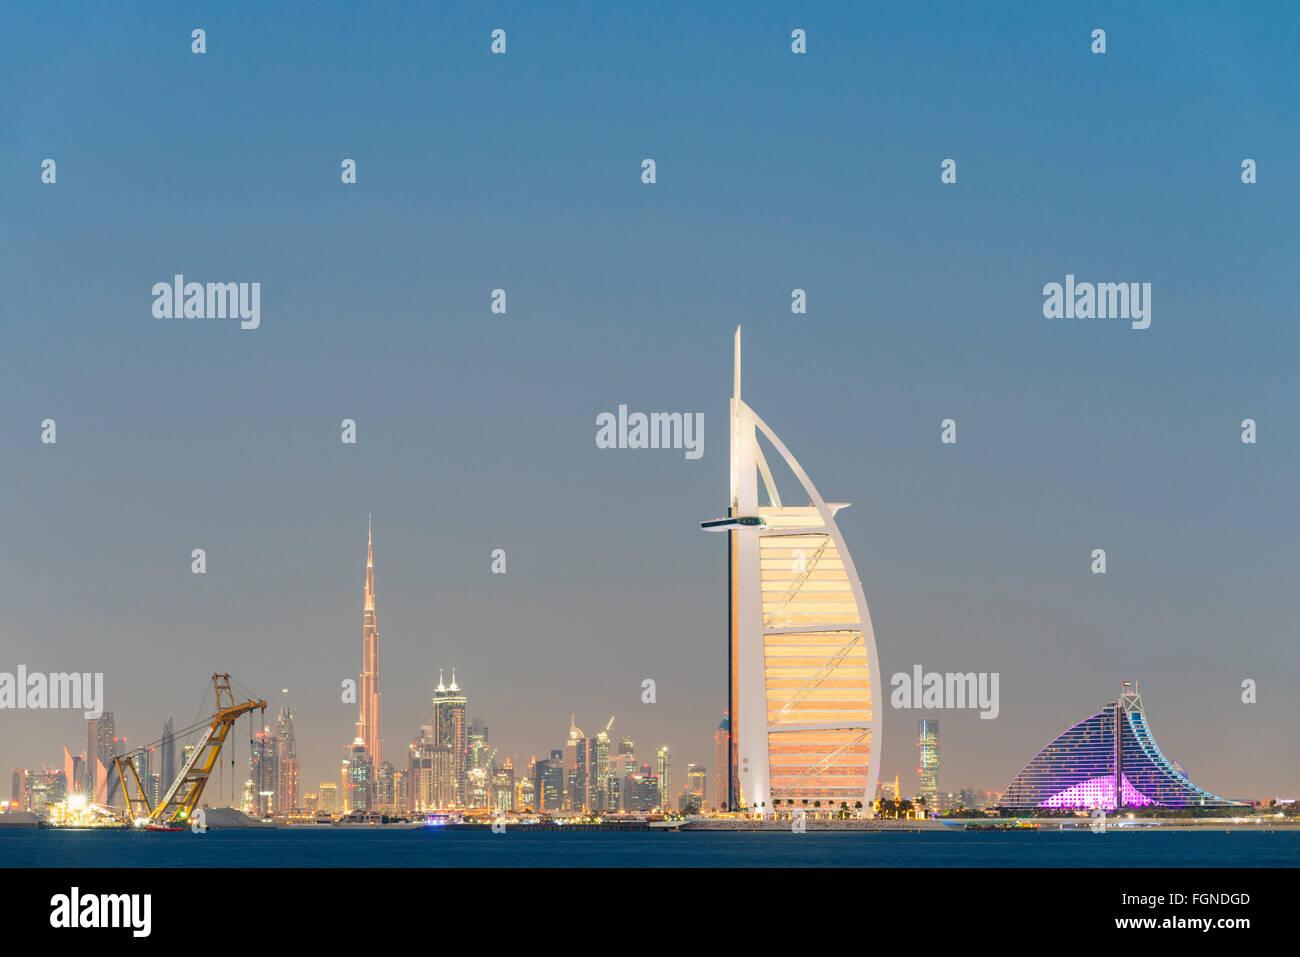 Skyline notturno di Dubai waterfront con il Burj al Arab Hotel in Emirati Arabi Uniti Immagini Stock